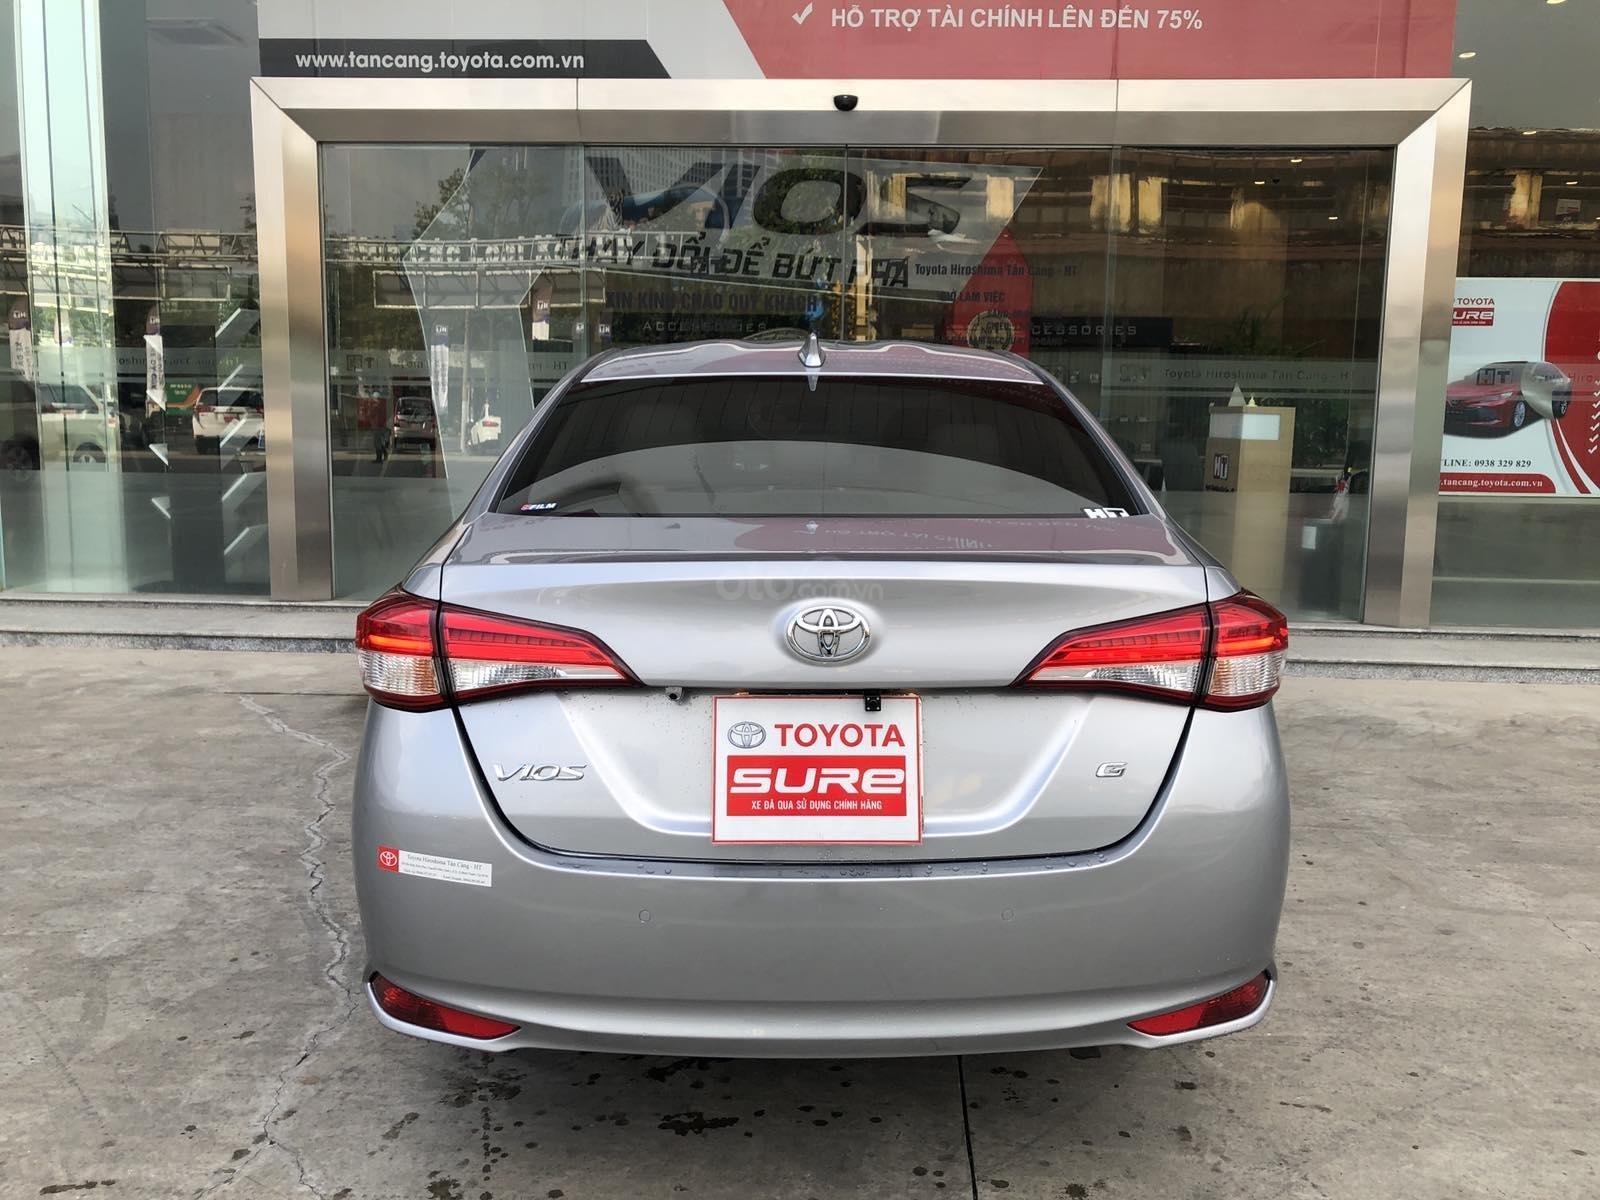 Cần bán xe Toyota Vios 1.5G CVT 2019, màu bạc, xe gia đình đi 28.000km - xe chất giá tốt (7)